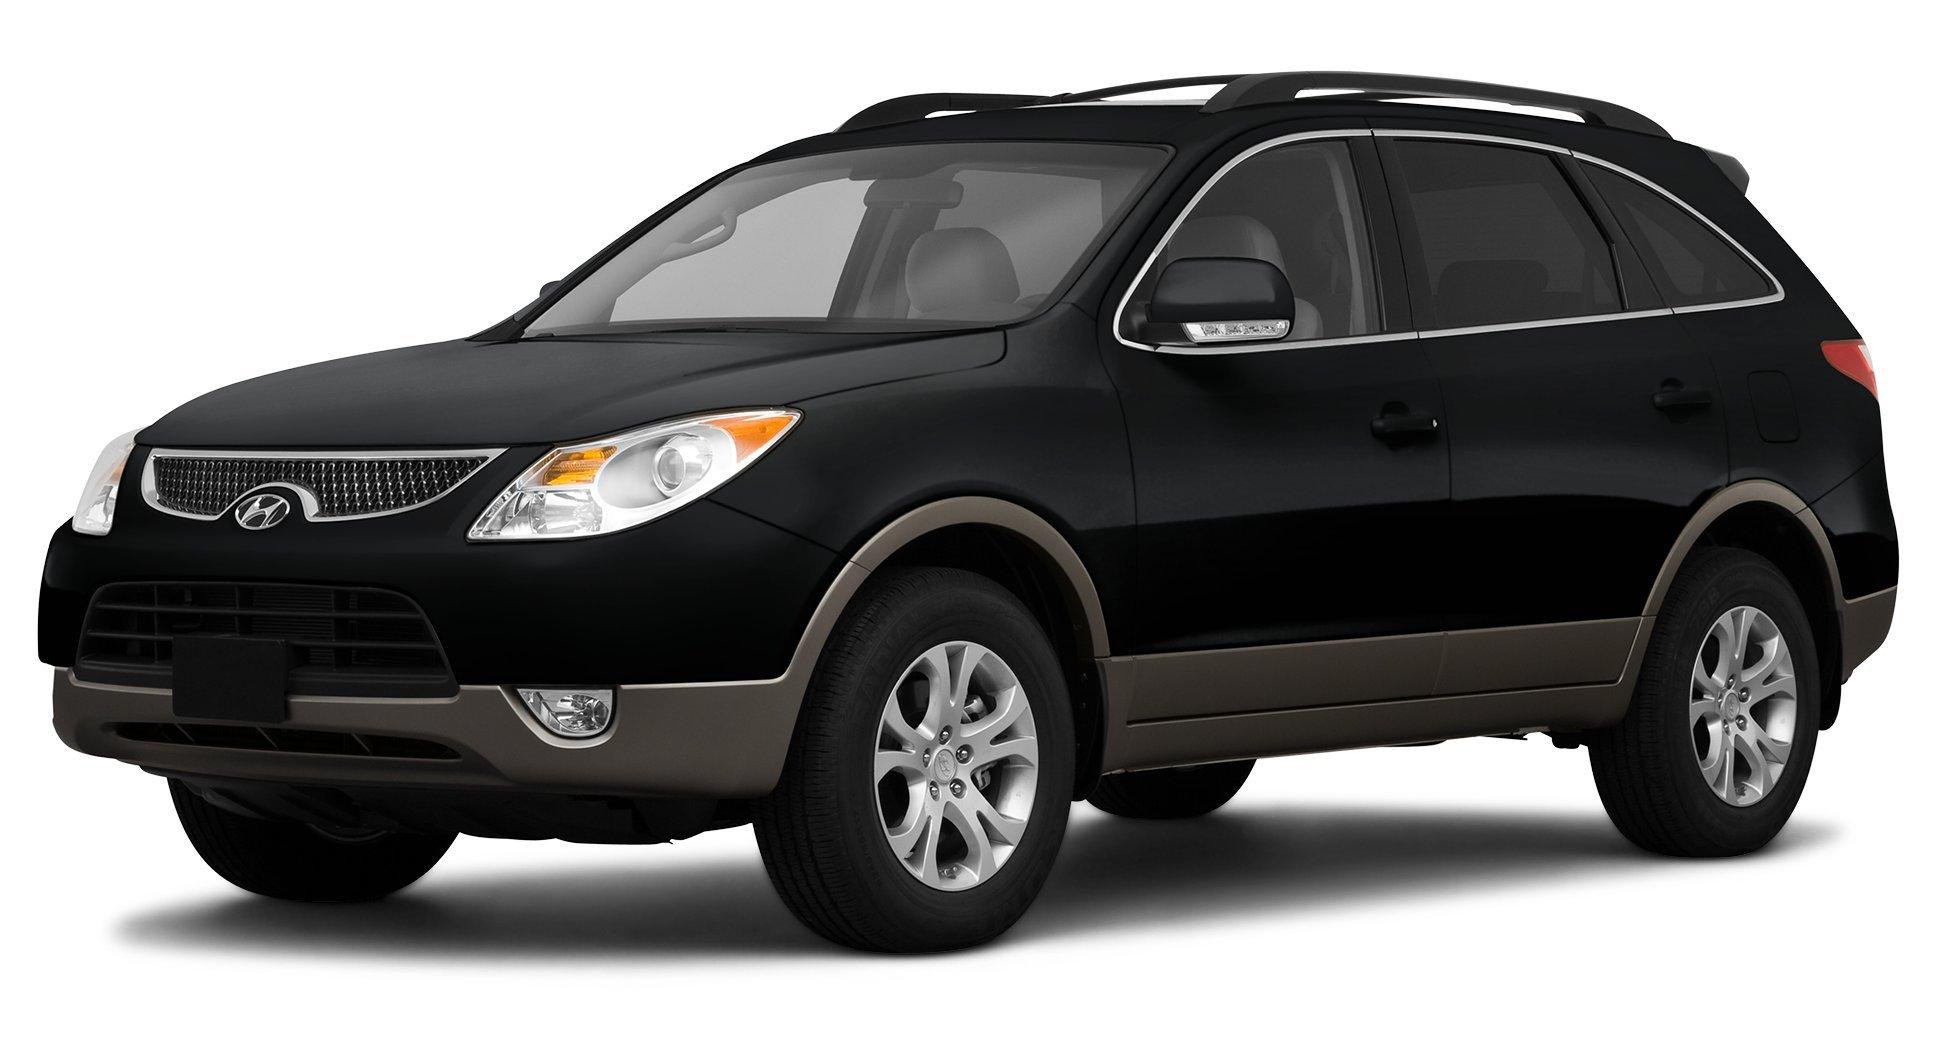 amazon com 2009 hyundai veracruz reviews images and specs vehicles rh amazon com 2011 Hyundai Veracruz Limited 2007 Hyundai Veracruz